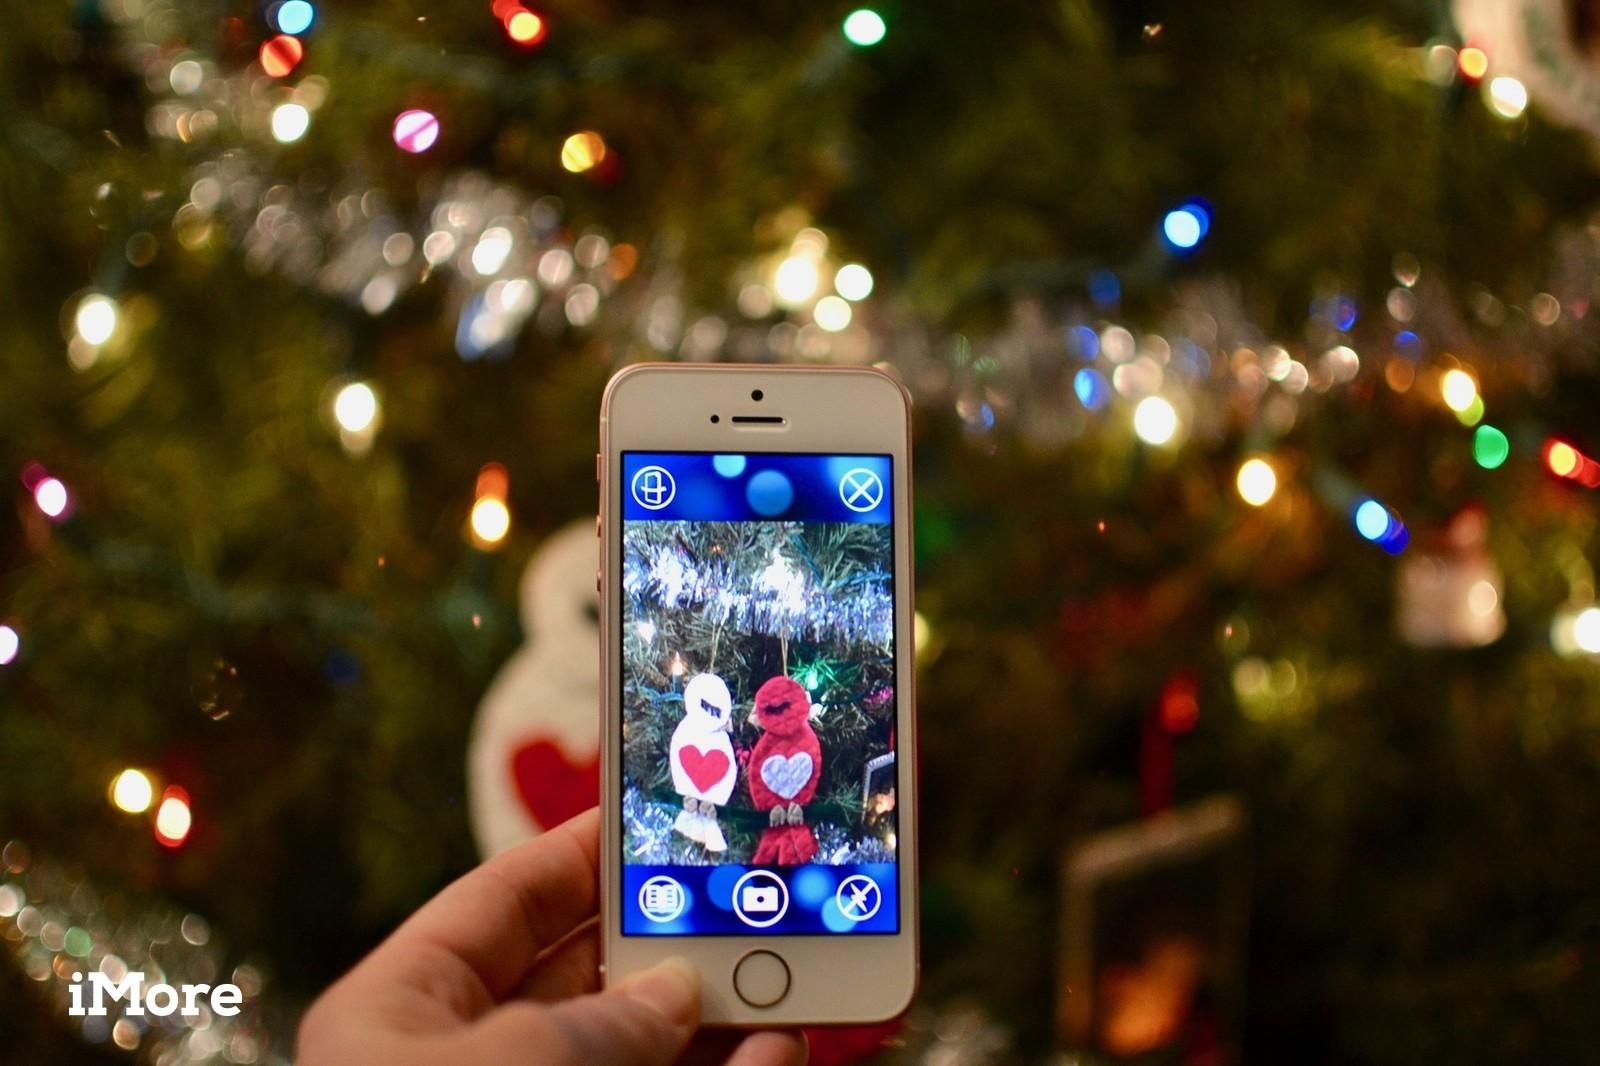 Portret – modul cu care poți face cele mai reușite poze de sărbători, dacă ai un iPhone 7 Plus, 8 Plus sau iPhone X